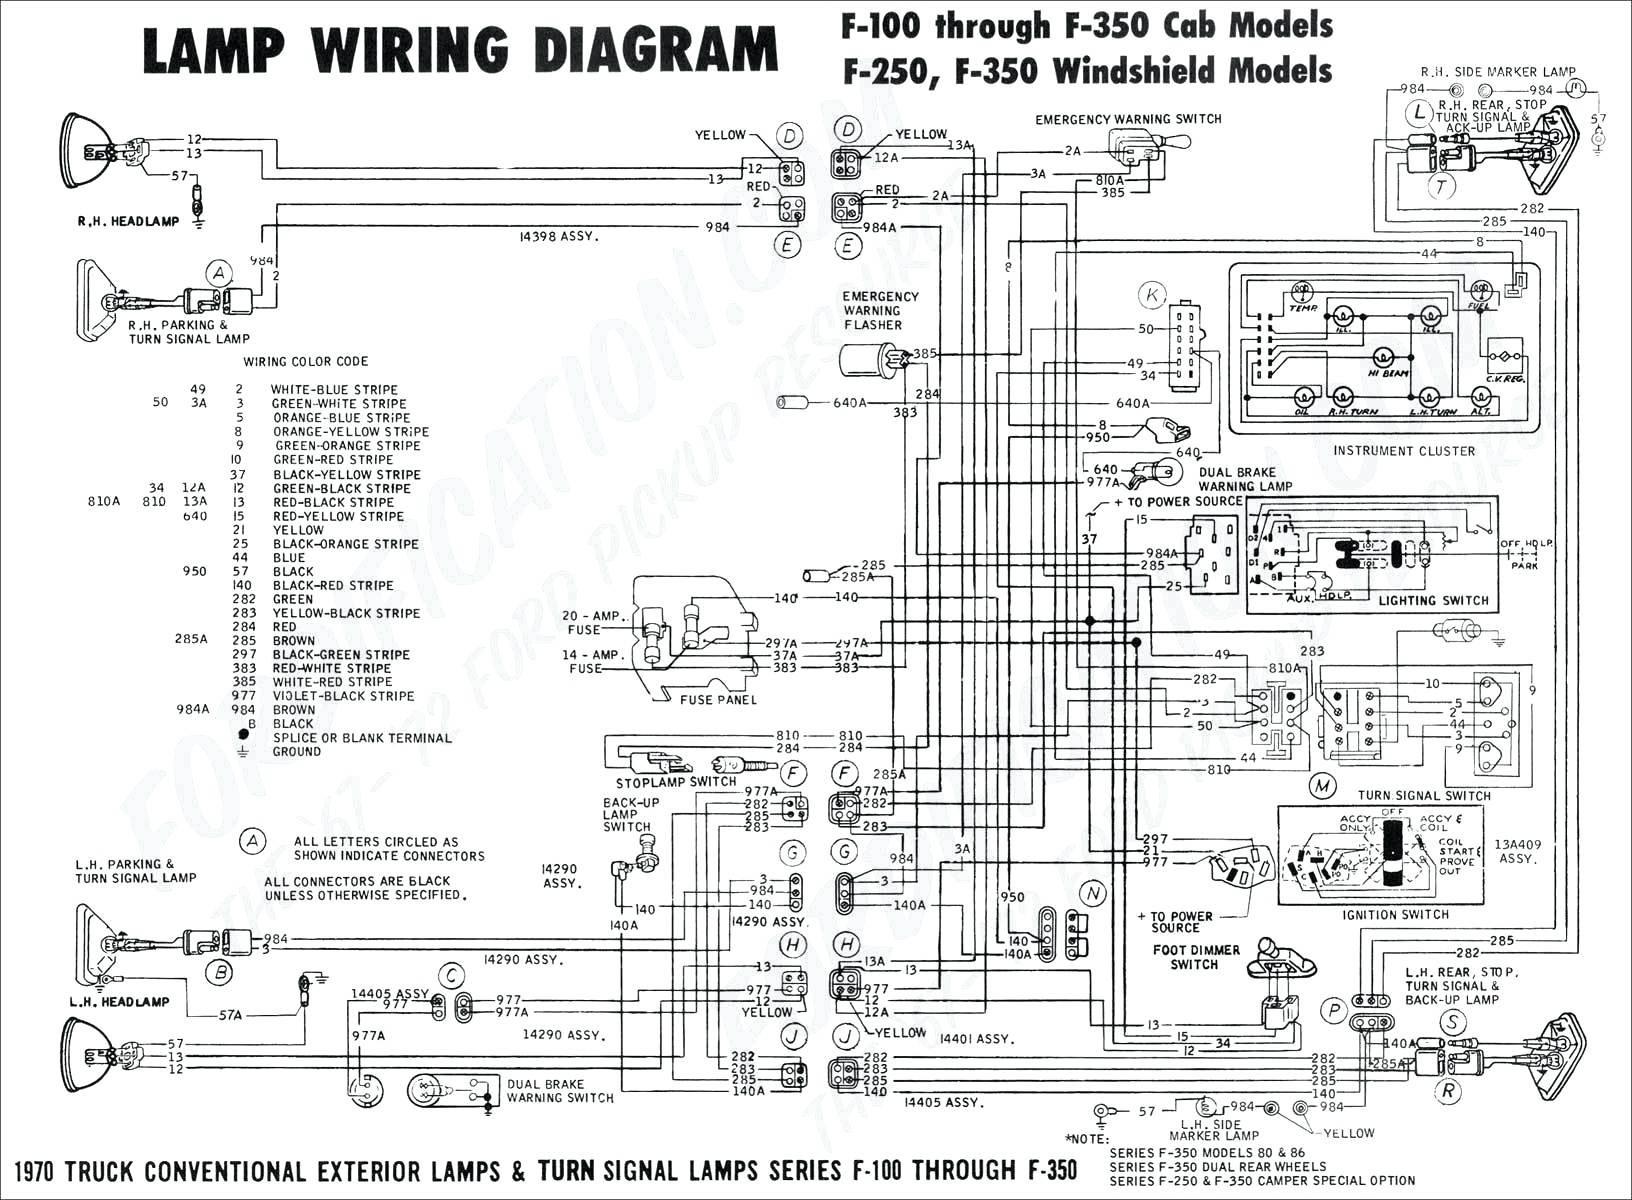 2004 Gmc Yukon Parts Diagram Wiring Diagram 2008 Tahoe Experts Wiring Diagram • Of 2004 Gmc Yukon Parts Diagram